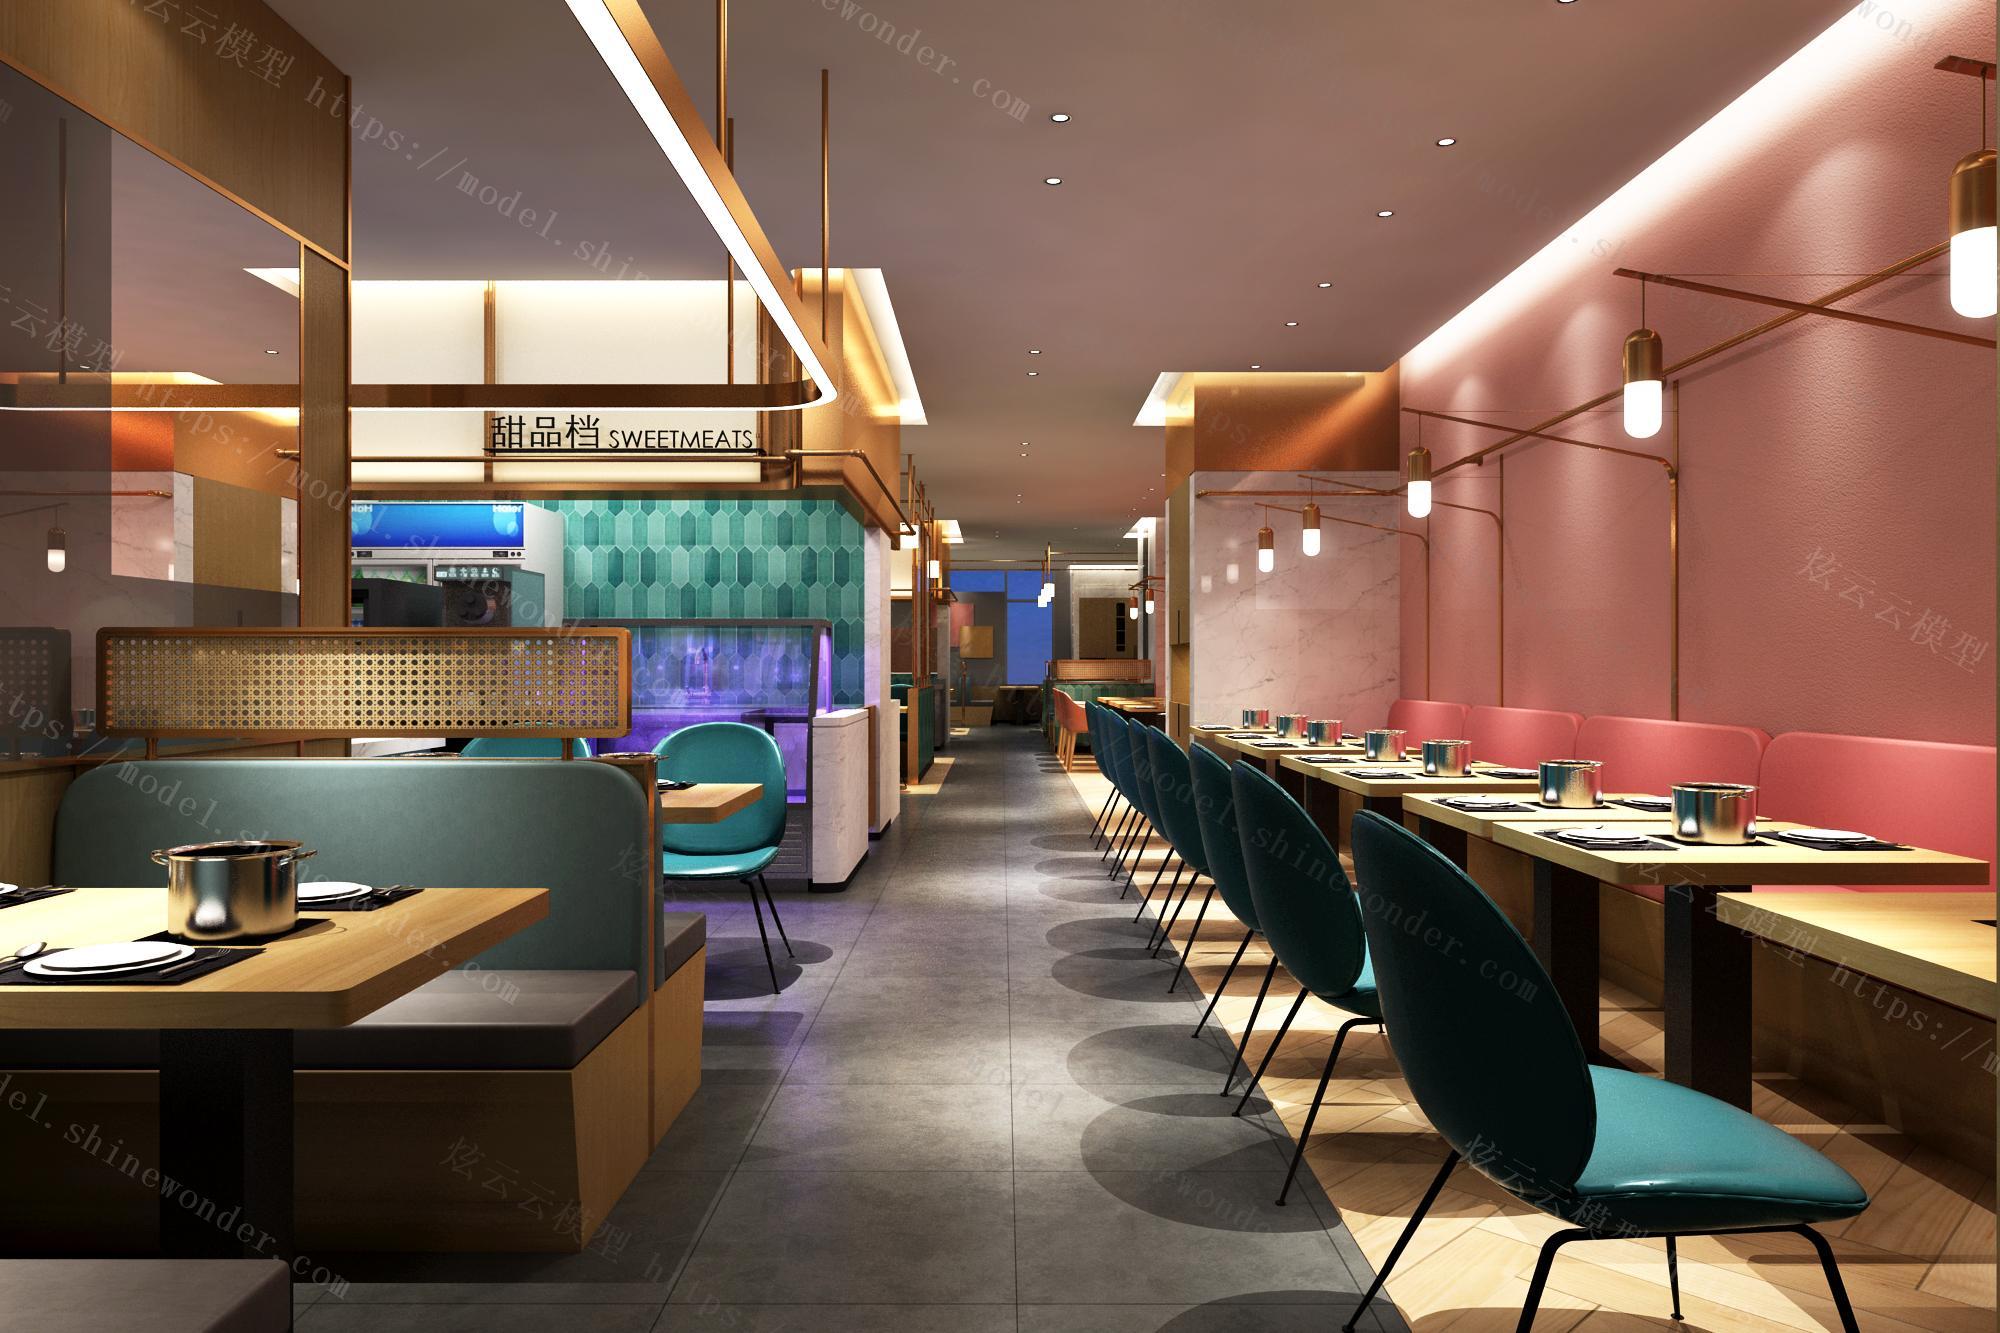 多伦多海鲜自助餐厅模型